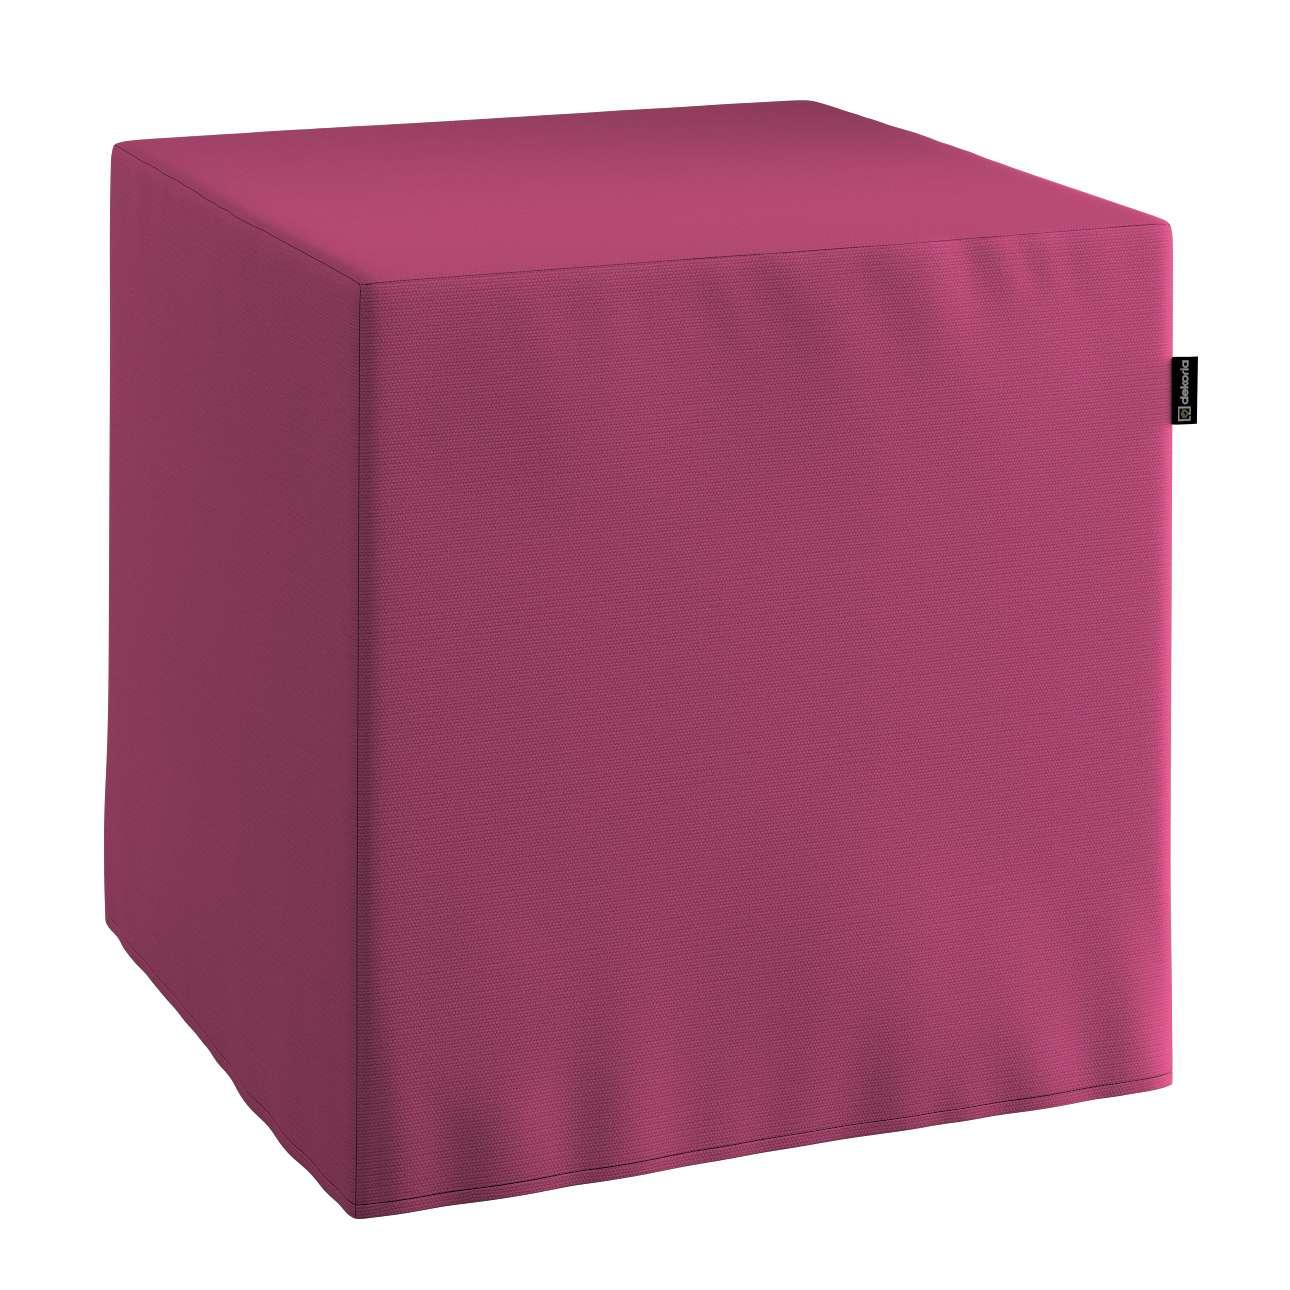 Sedák Cube - kostka pevná 40x40x40 v kolekci Cotton Panama, látka: 702-32